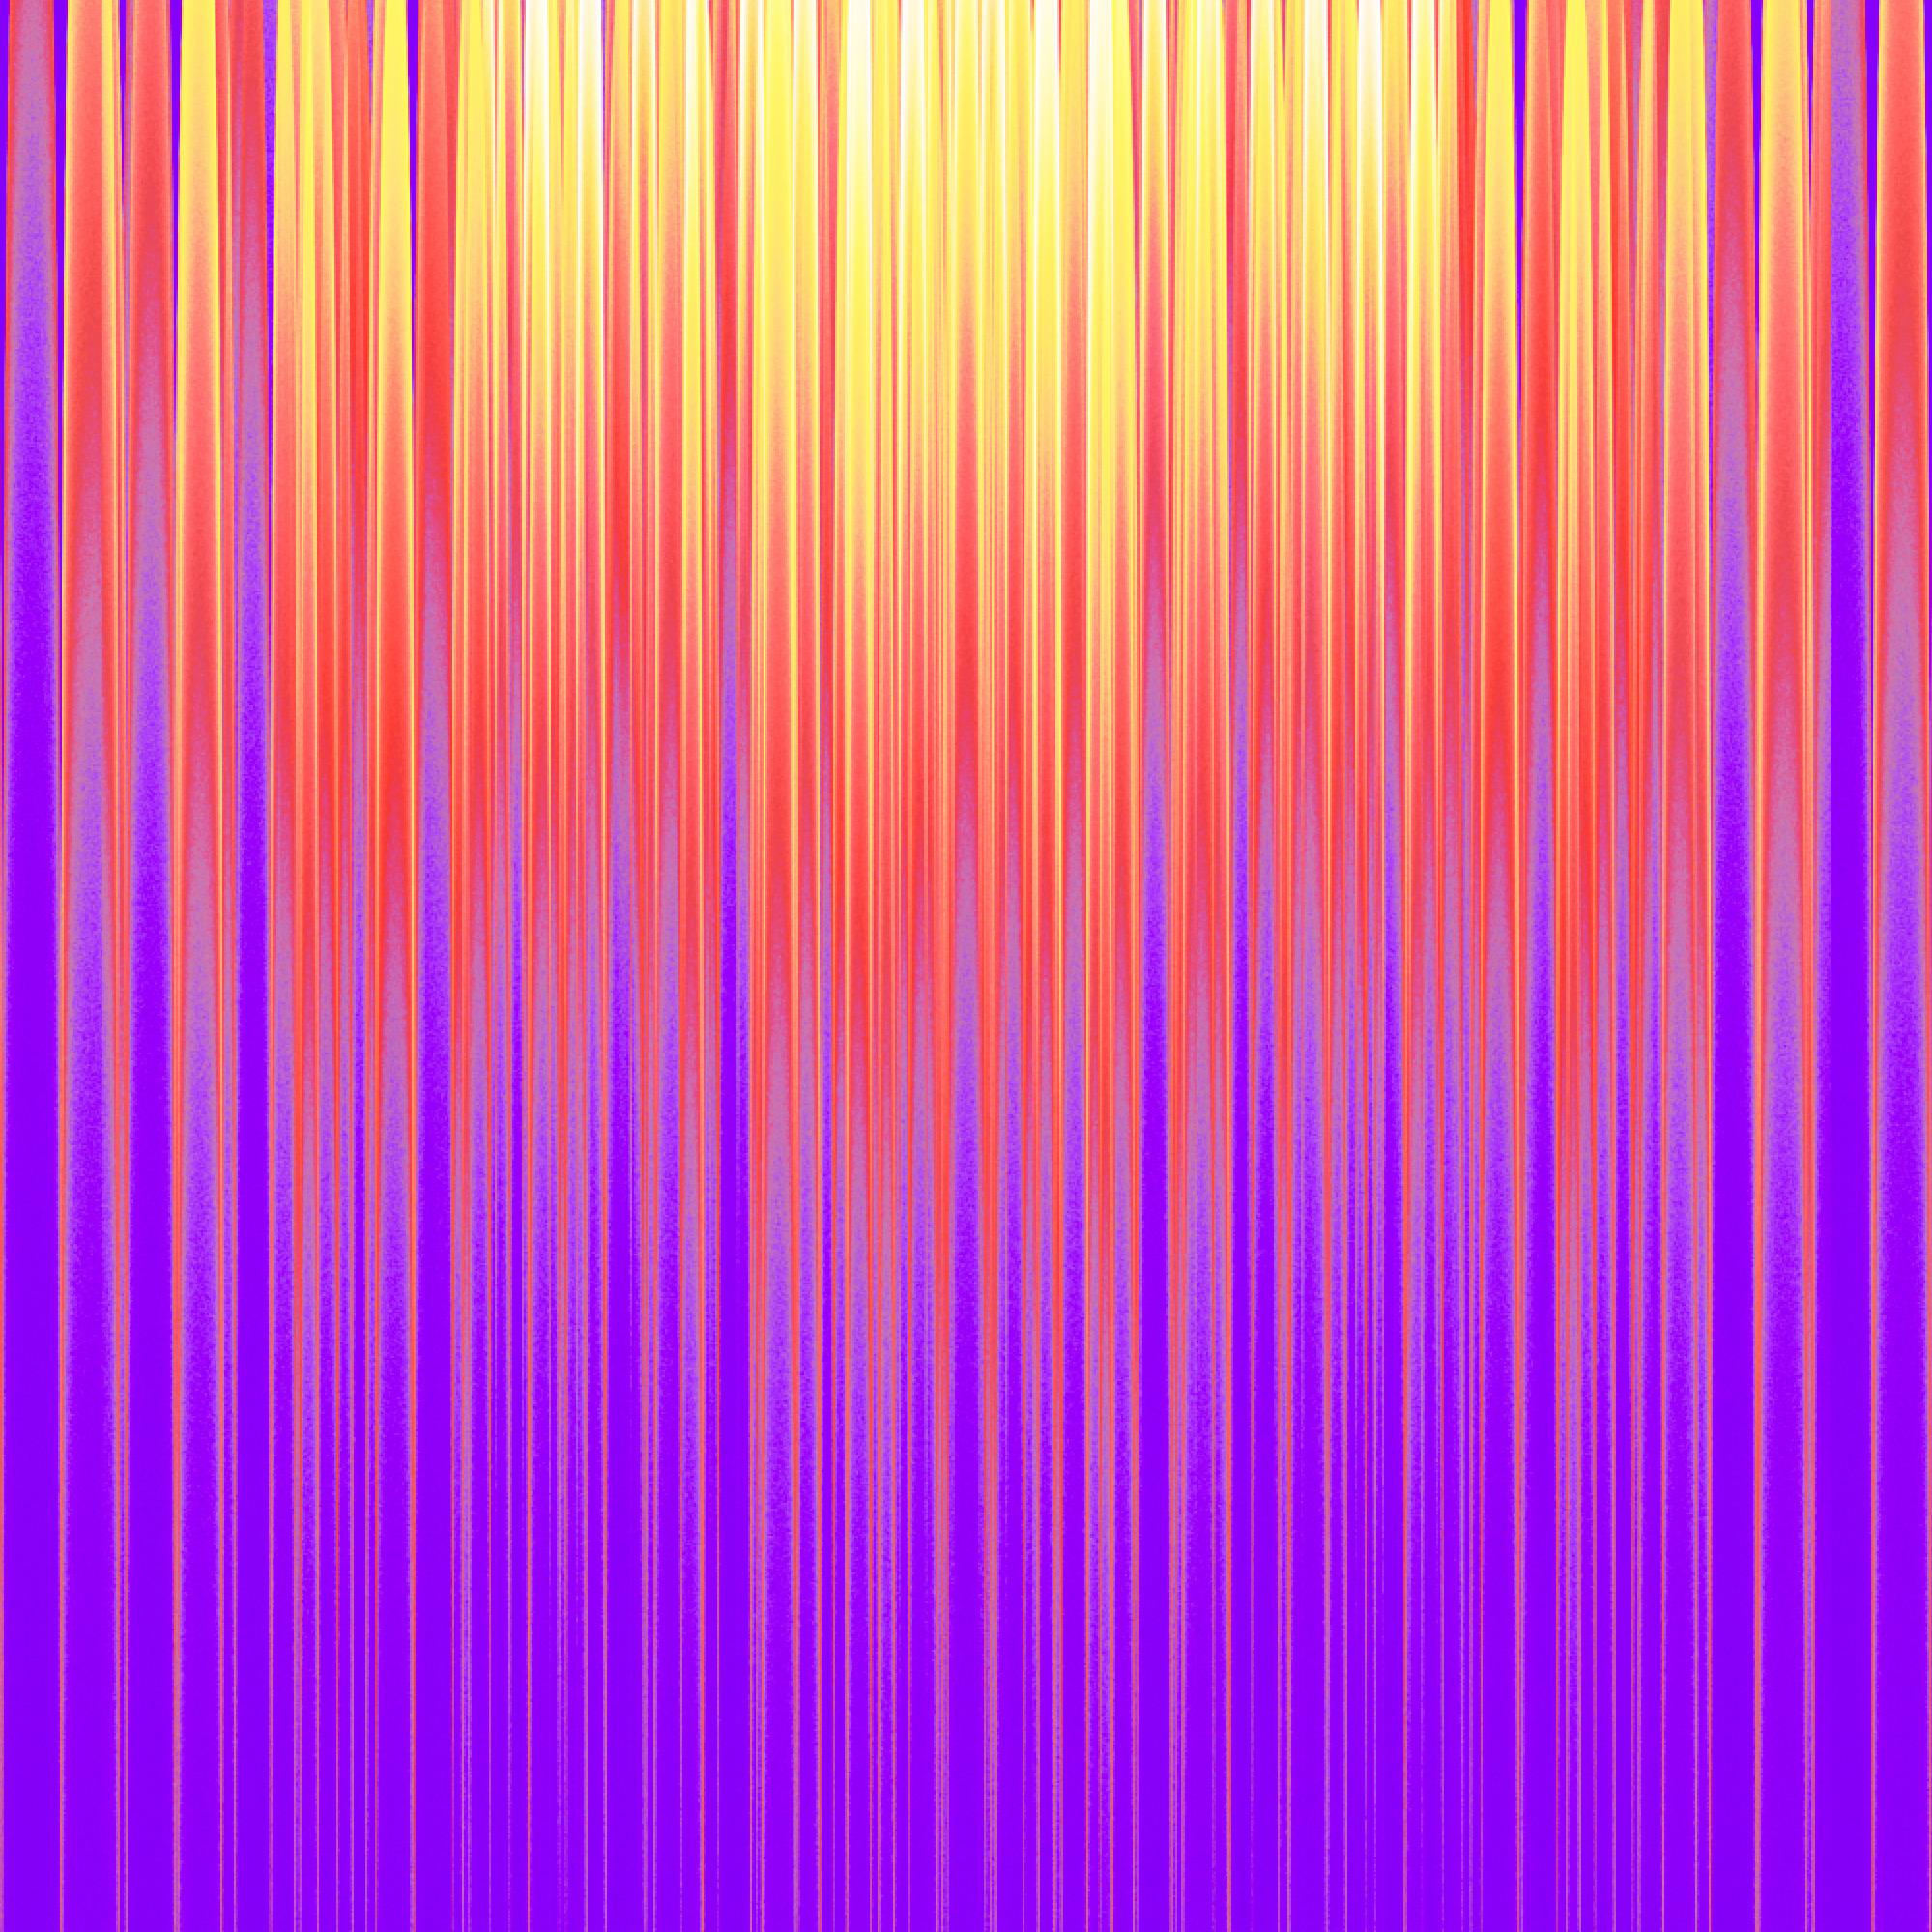 Curtains2 - fractal, abstract - alexmclaren   ello